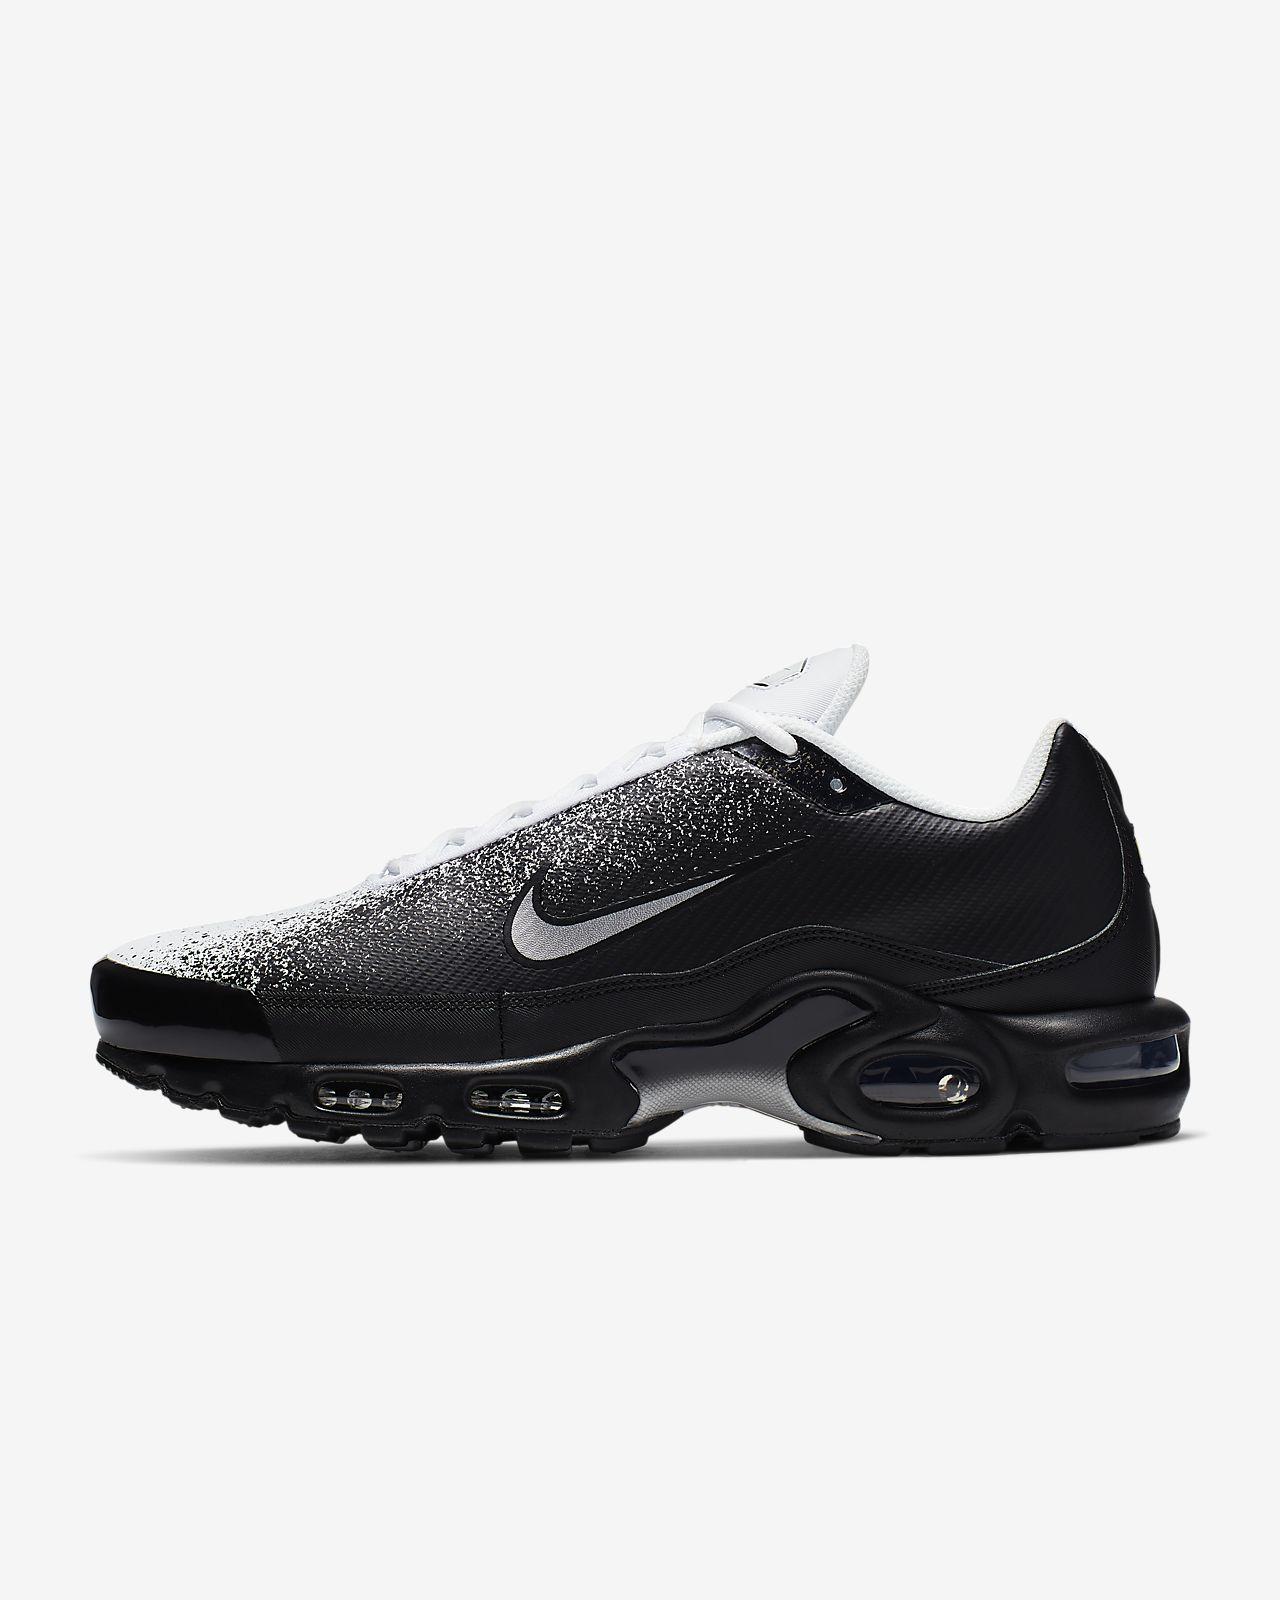 Pánská bota Nike Air Max Plus Tn SE